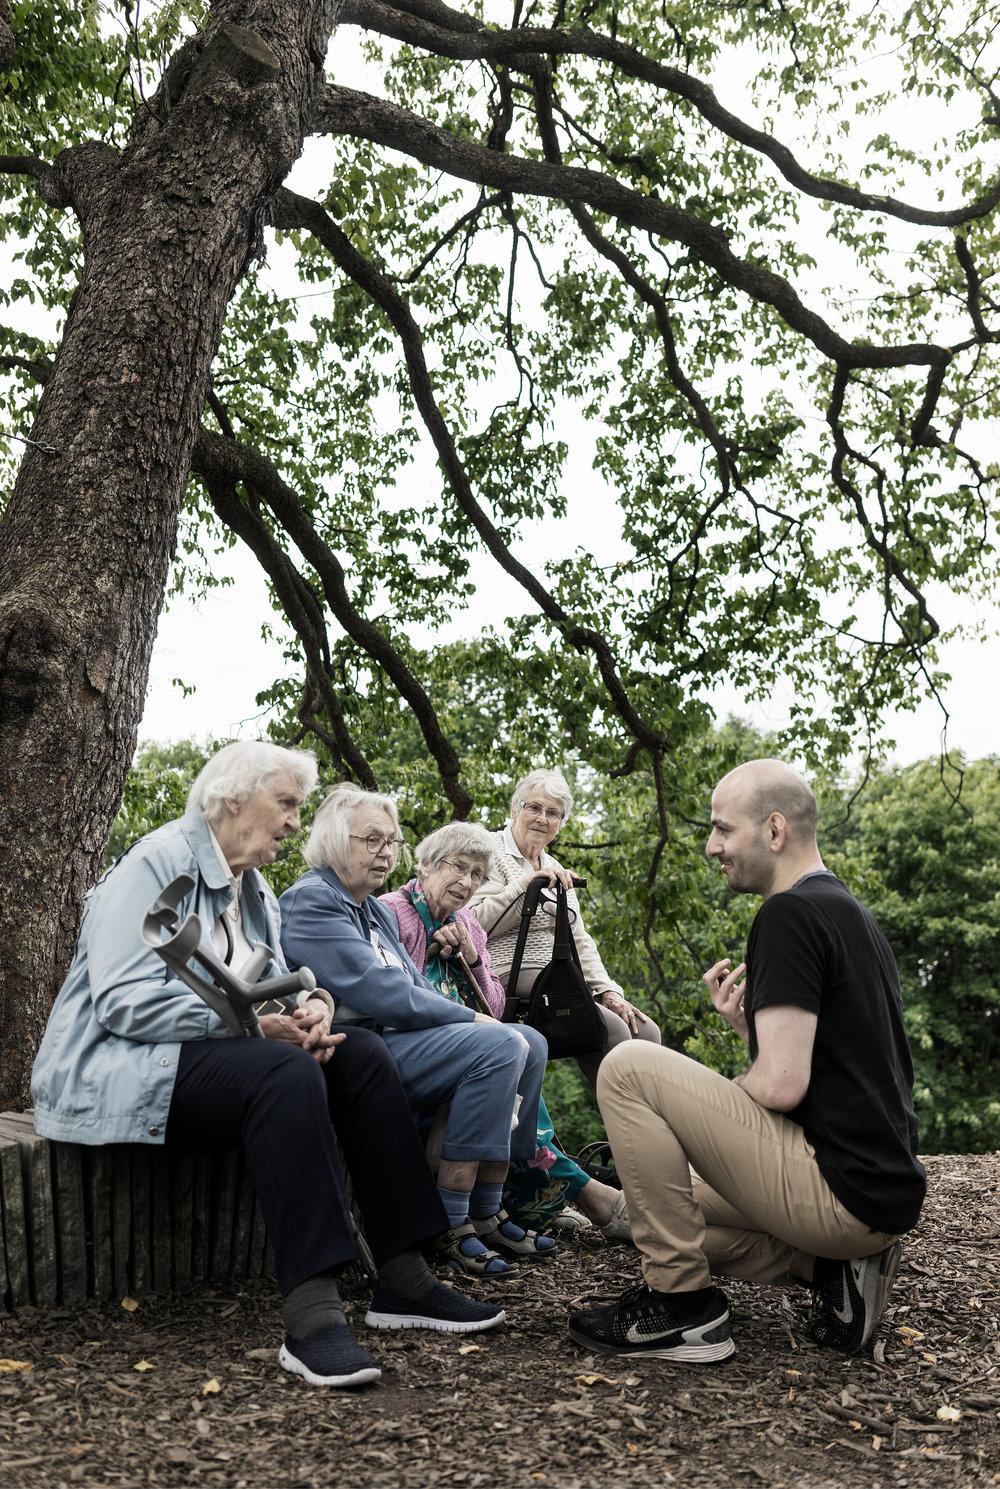 Mahmod er en av 2.5 millioner frivillige som låner bort litt av seg selv og får masse tilbake. Sammen med Frivilligsentralen tar han ukentlig med seg pensjonister på ulike attraksjoner i Oslo. Tilbake får han ikke bare smil og takknemlighet, Mahmod får også tilgang til de eldres erfaring, historier og kulturforståelse.Foto: Tangrystan.